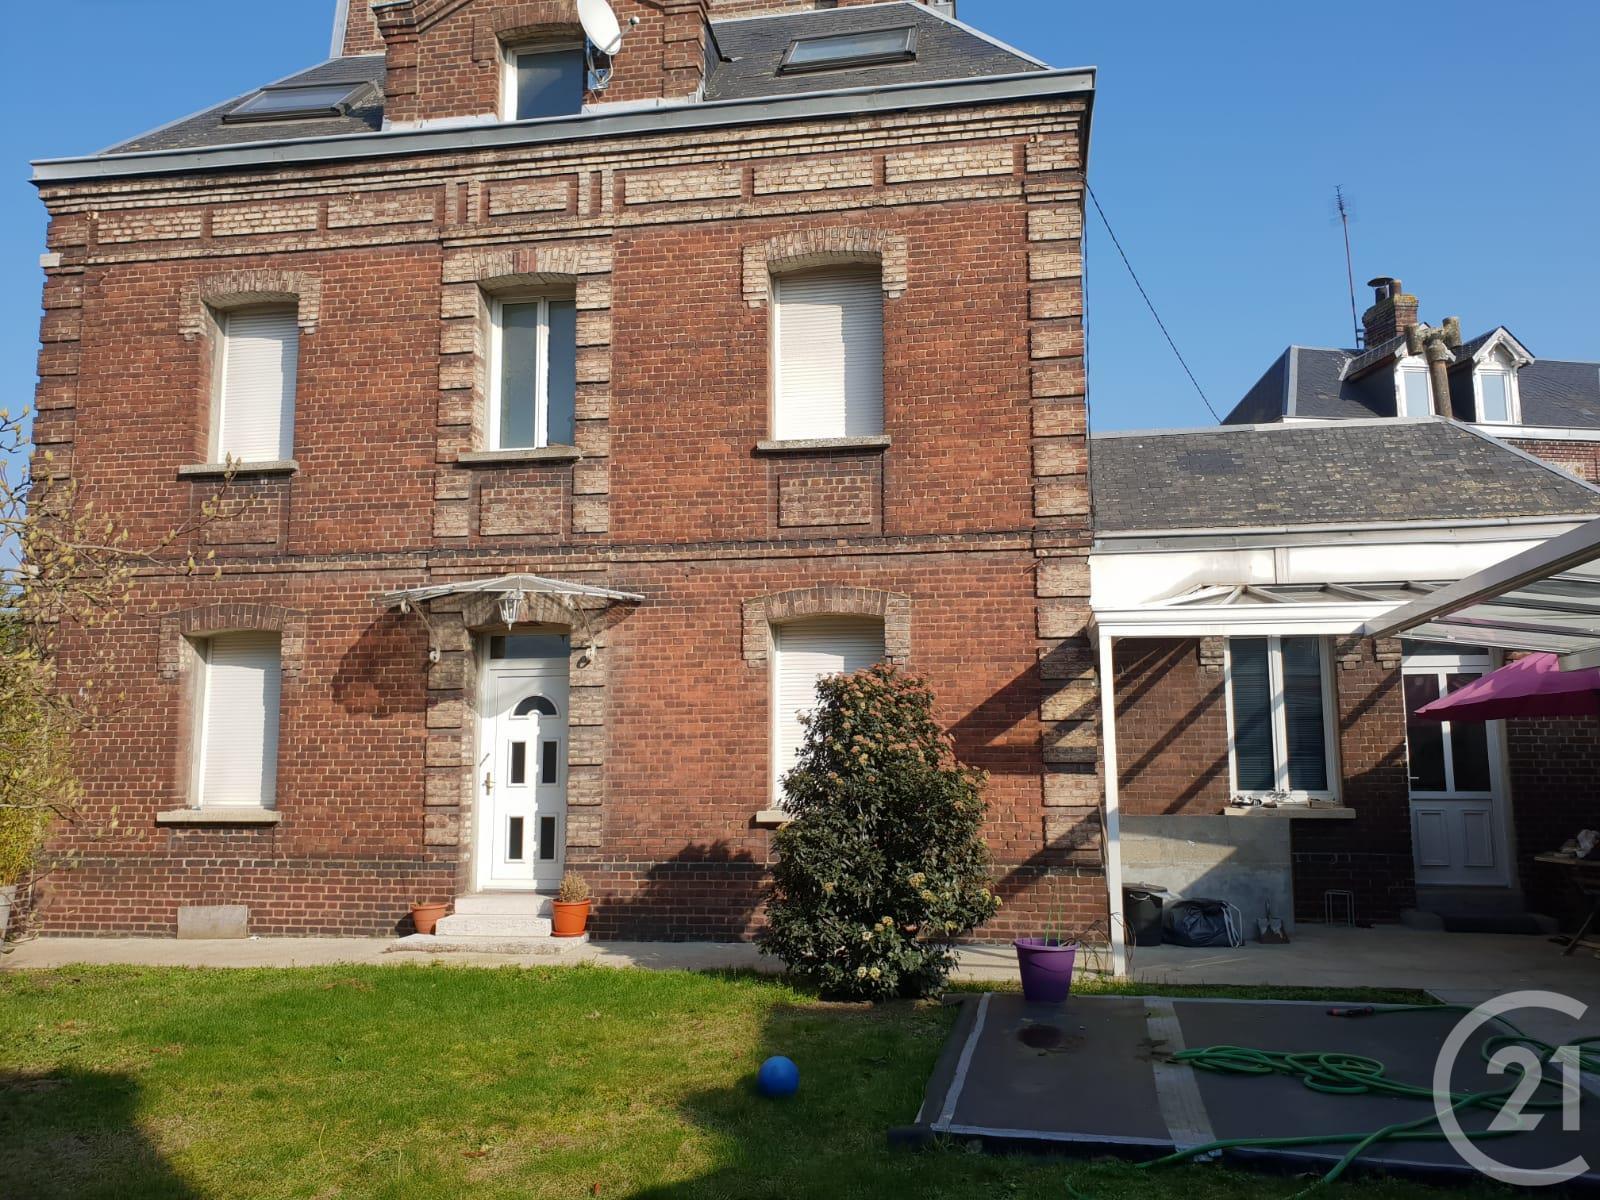 Achat Immobilier Rouen Saint Clement Jardin Des Plantes 76000